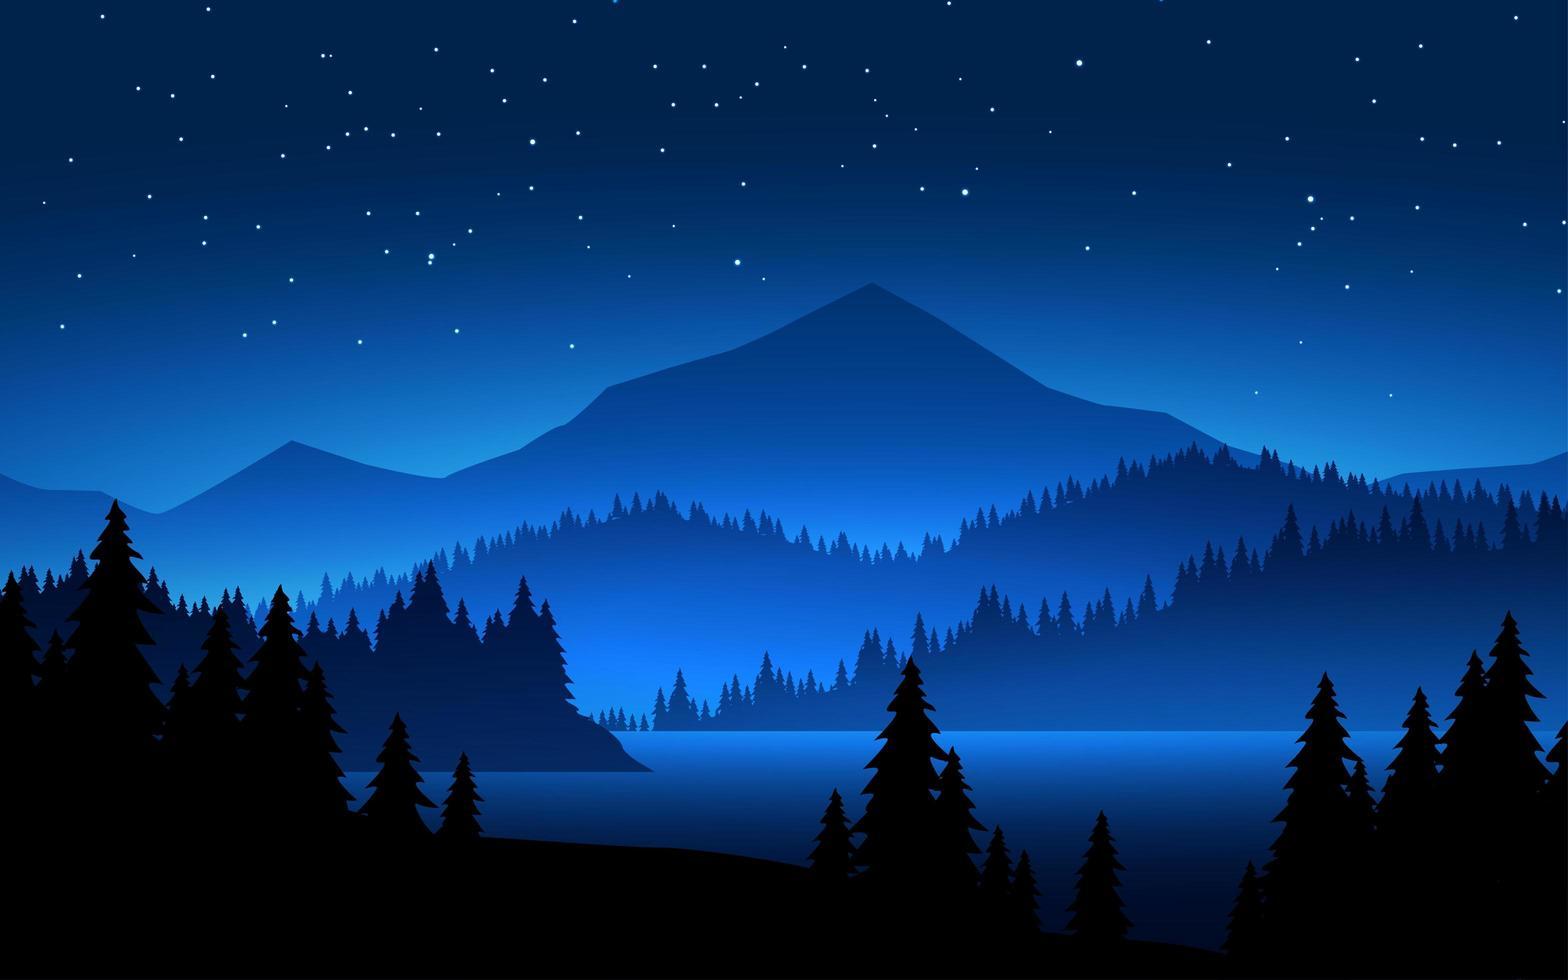 bergen bij nachtlandschapsscène vector